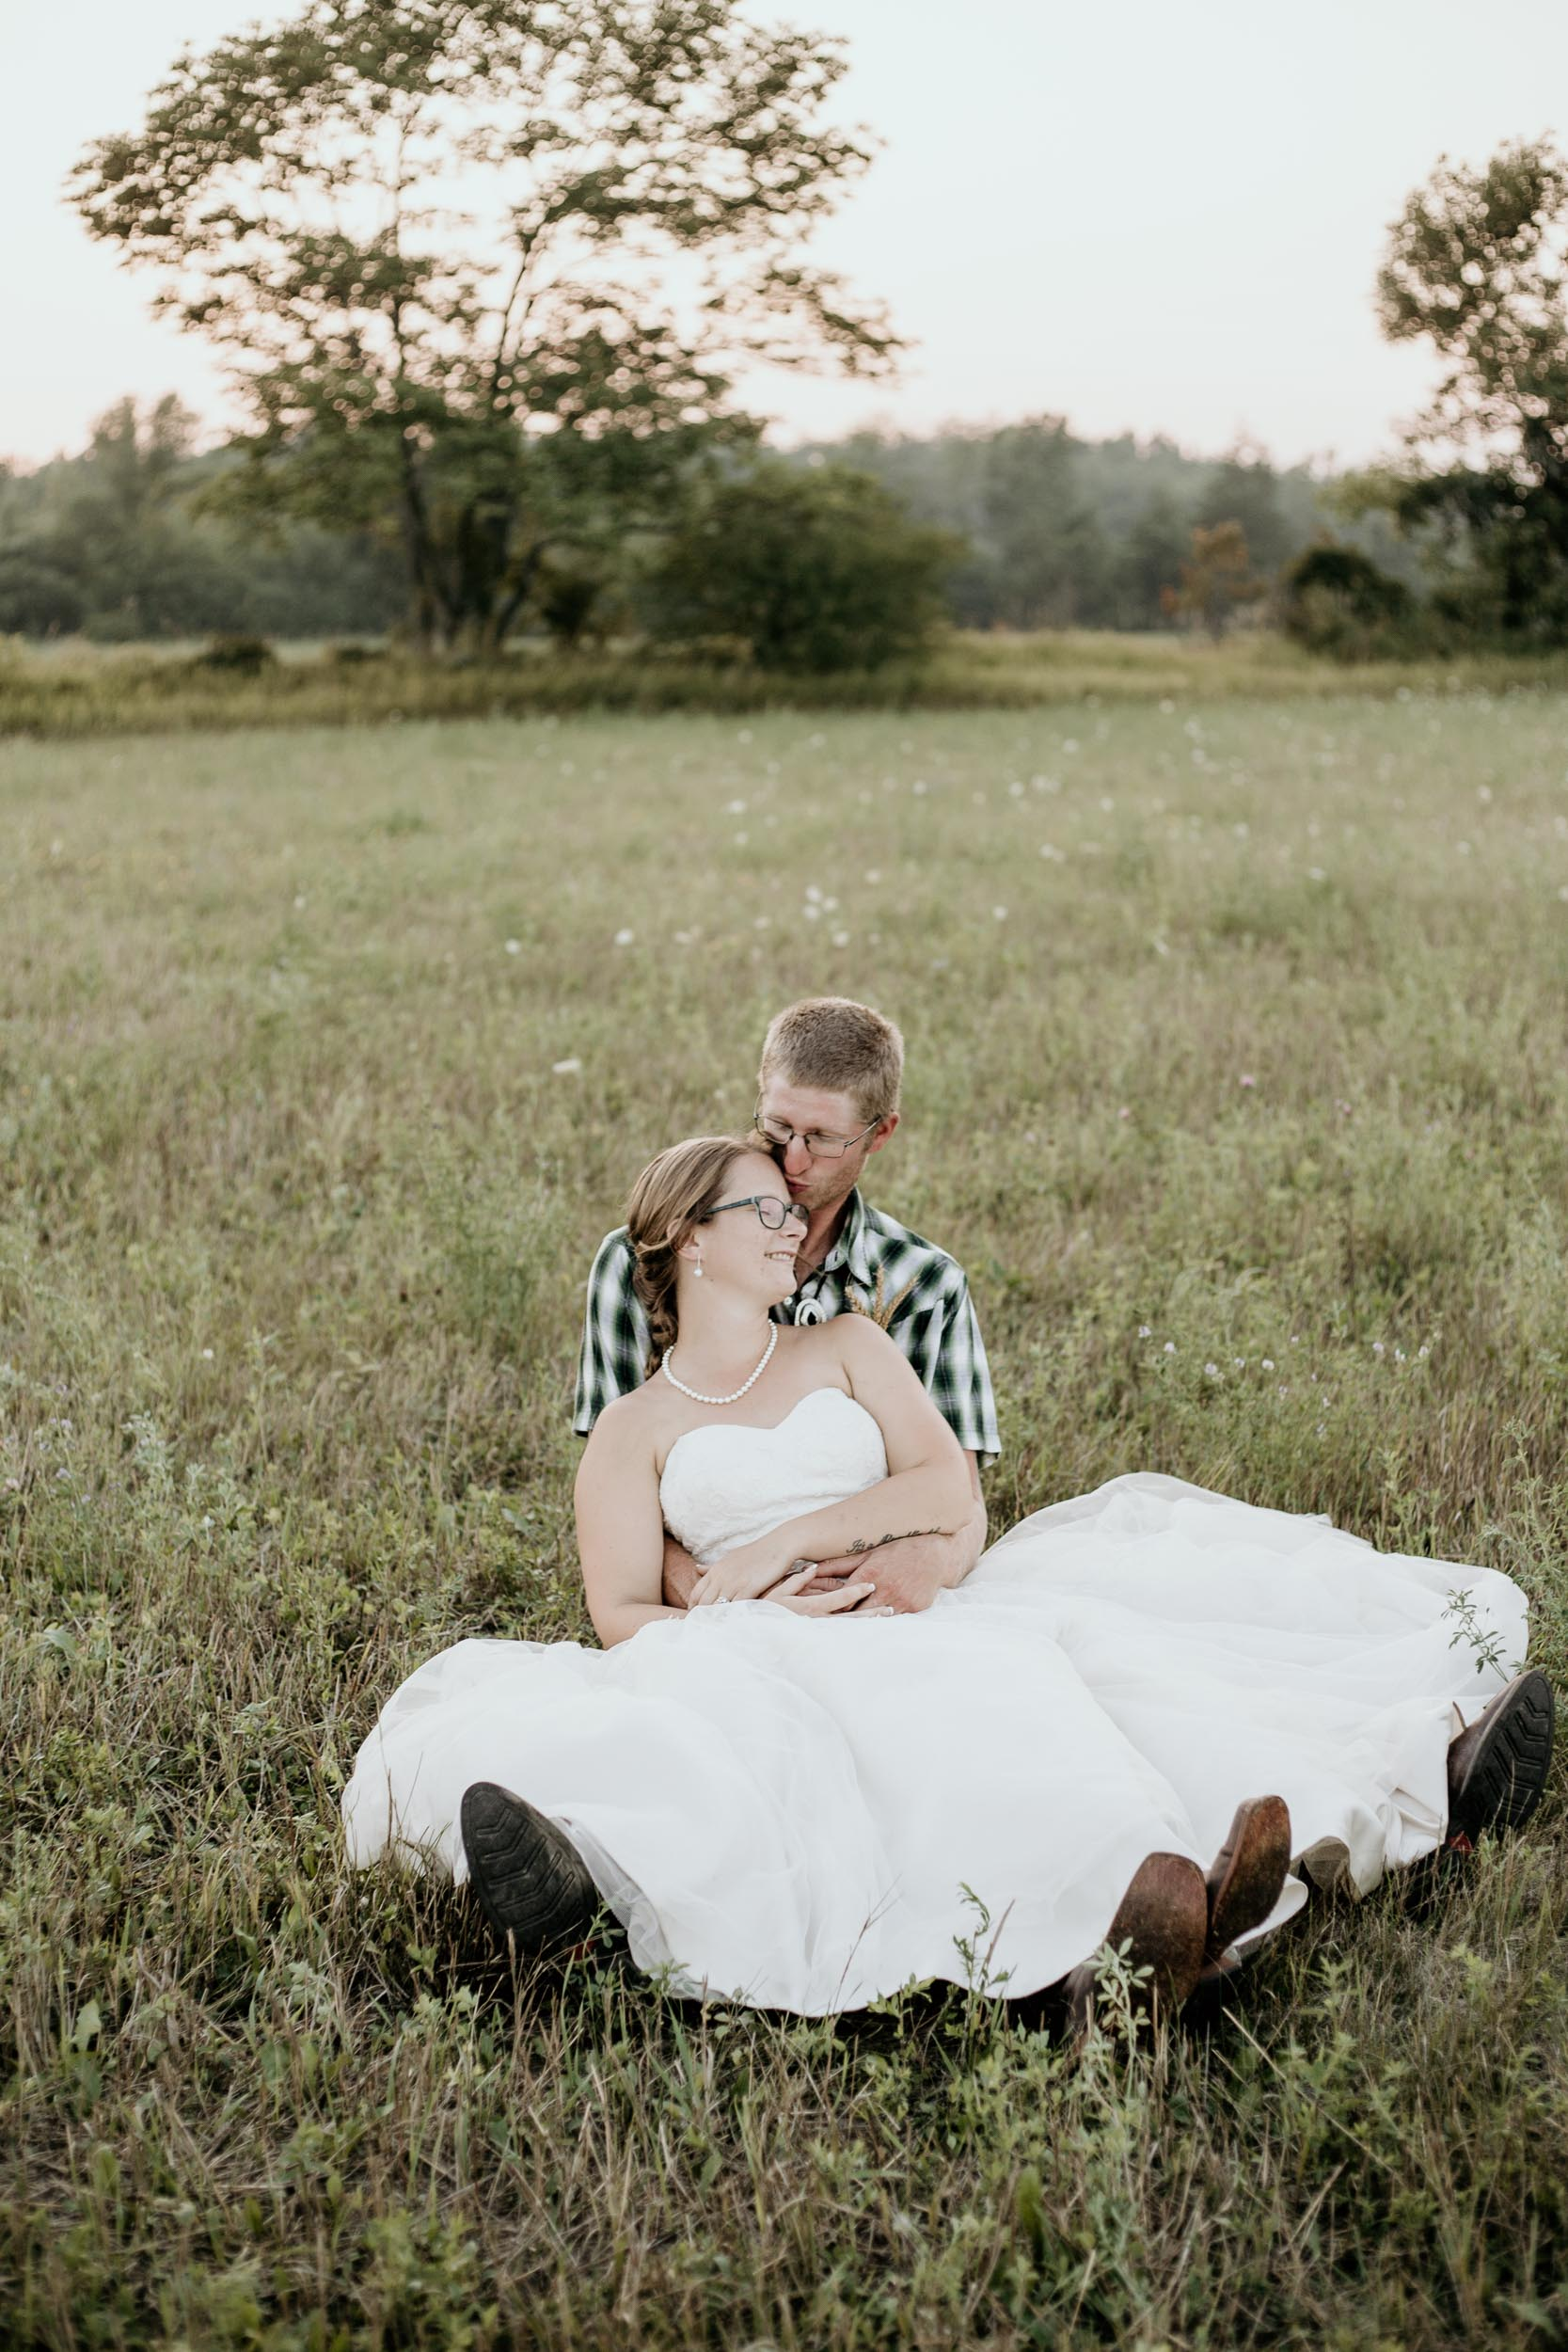 intimate-wedding-elopement-photographer-ottawa-joshua-tree-3151.jpg